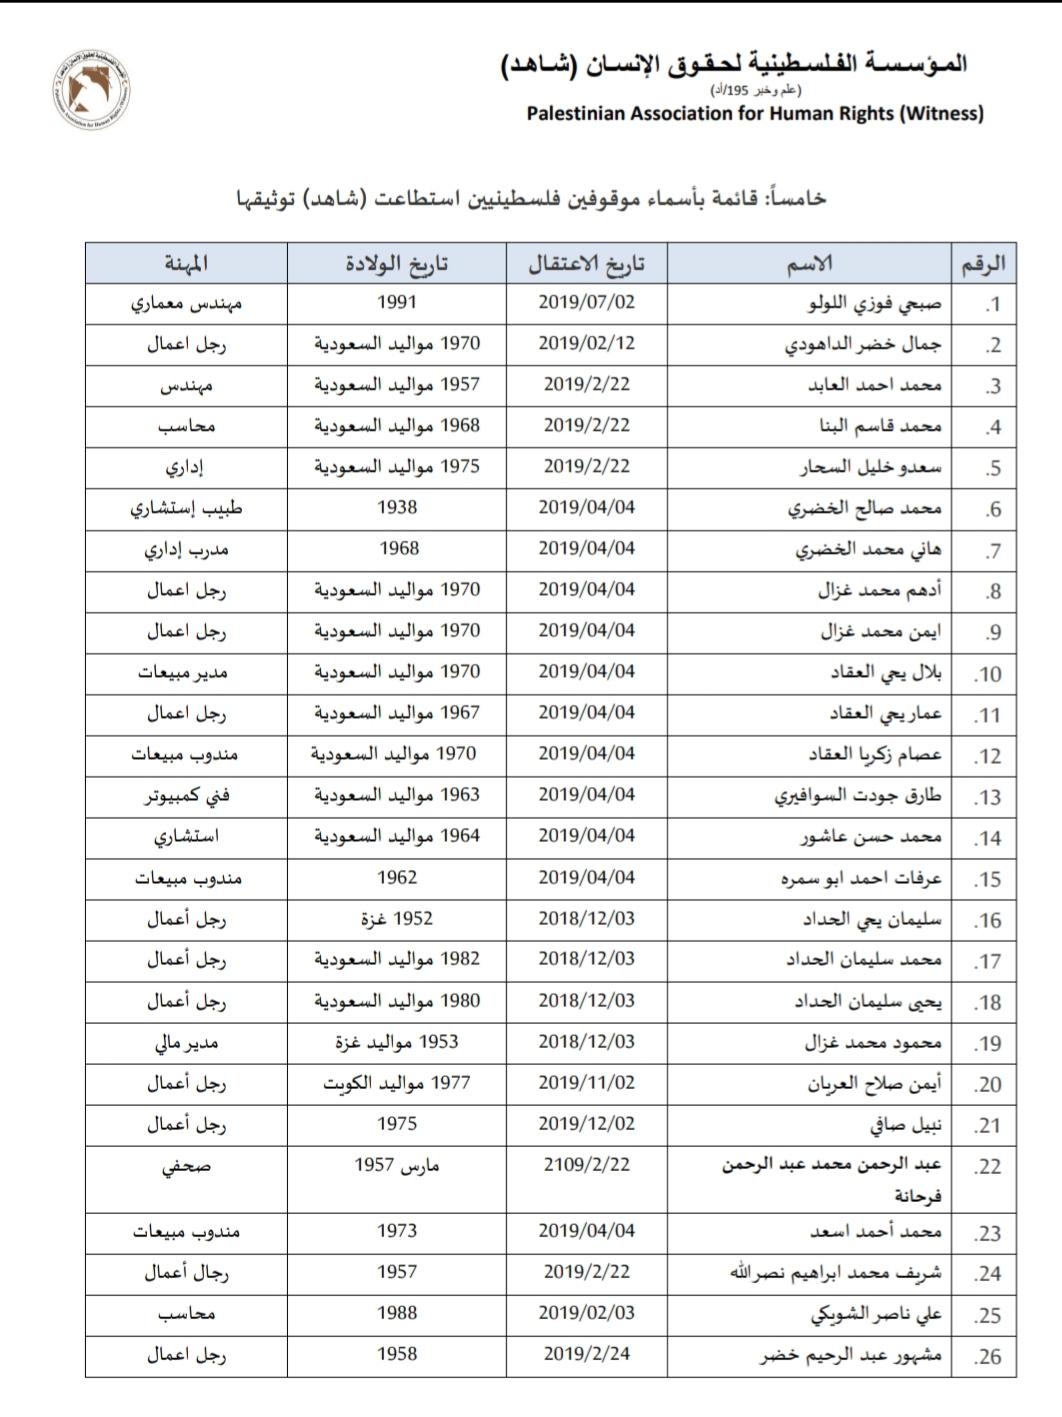 الكشف عن هوية فلسطينيين معتقلين بالسعودية